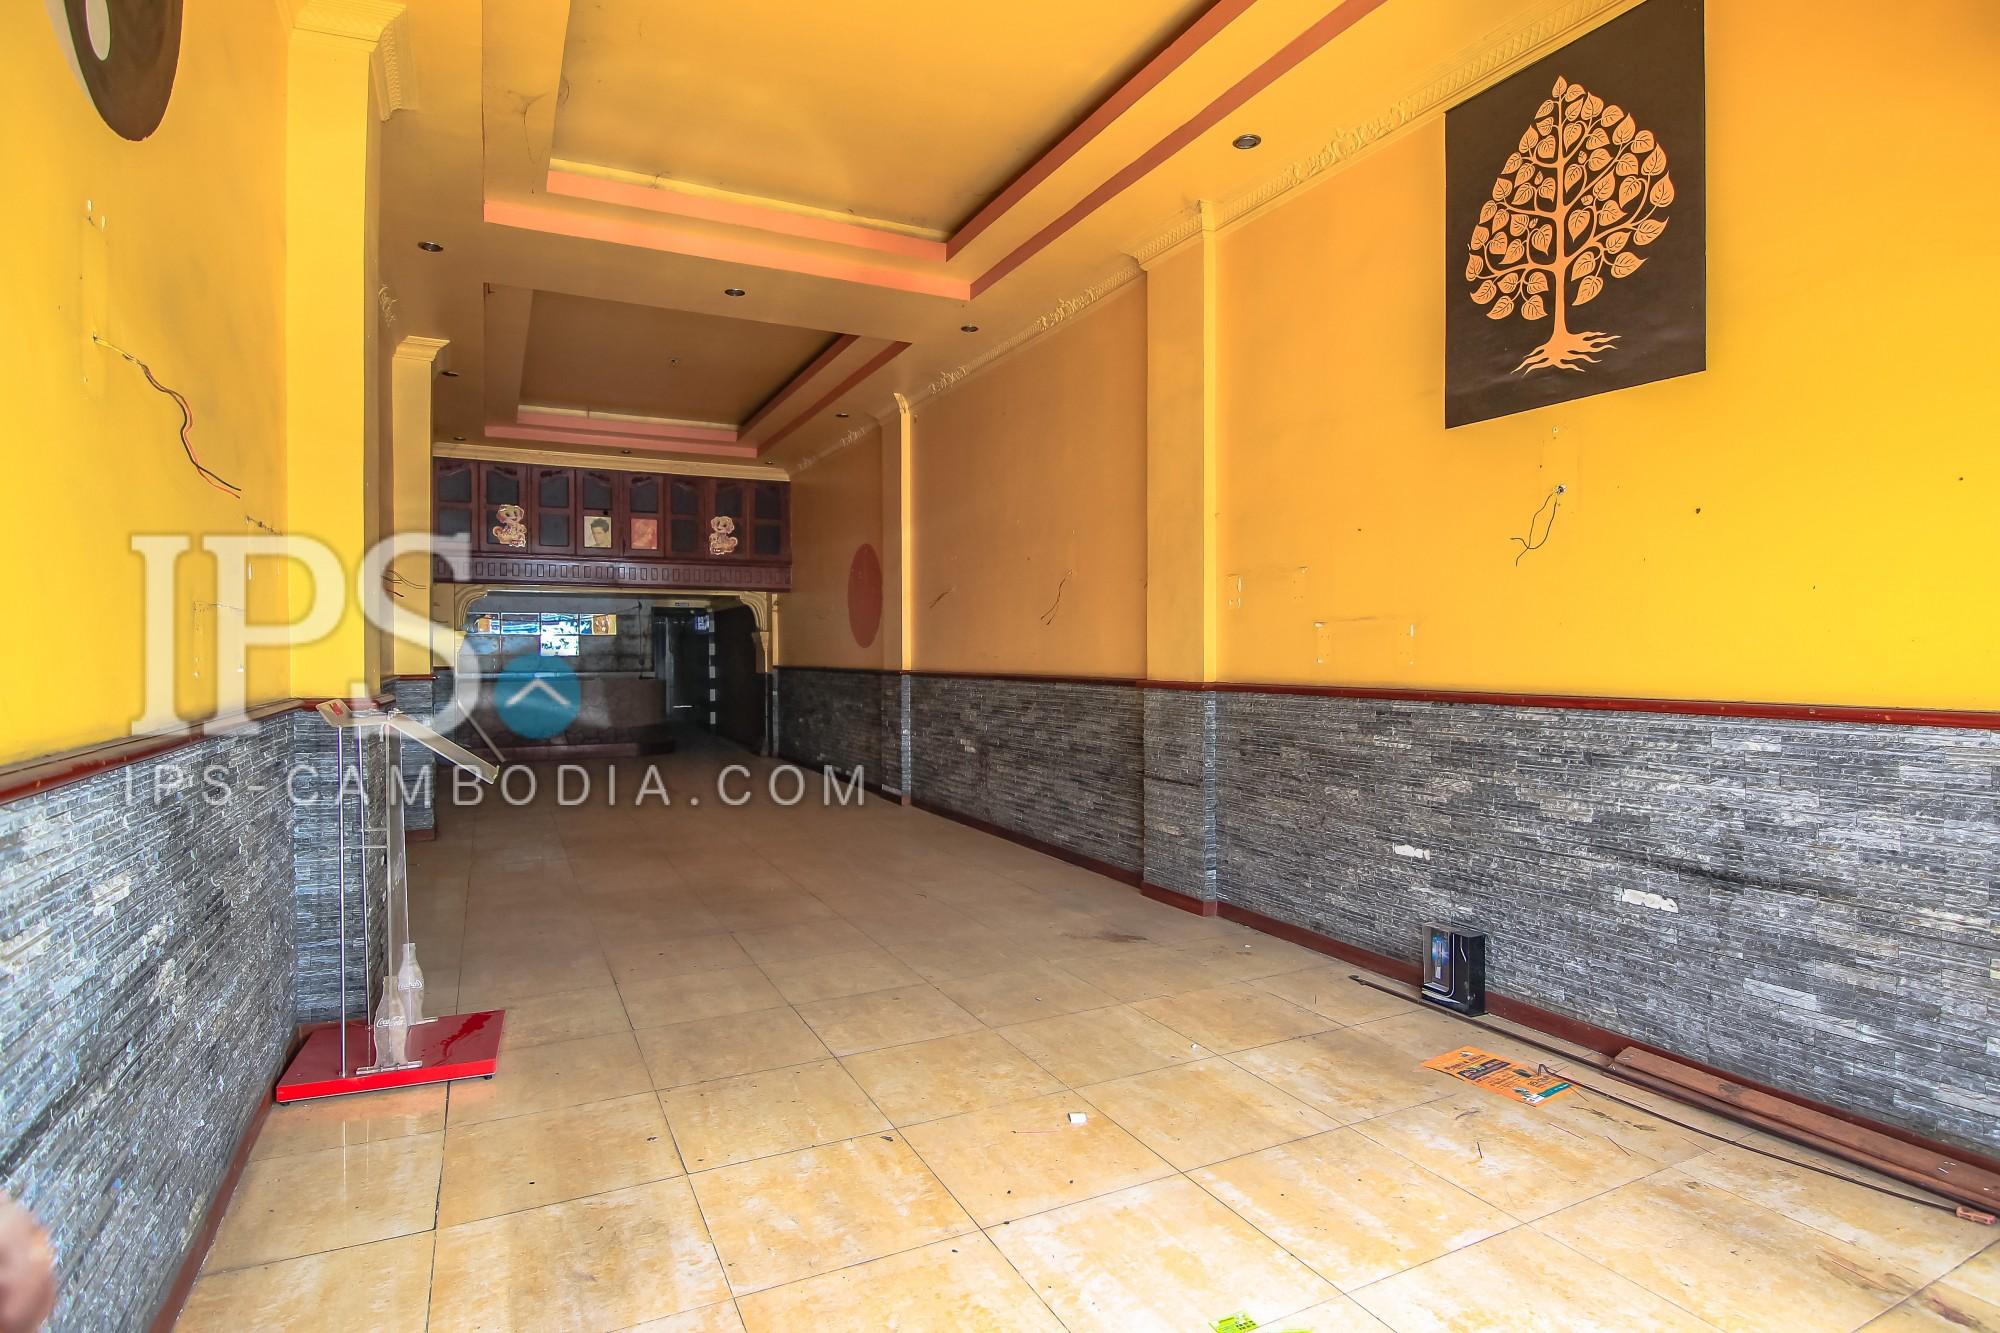 4 Floors Commercial Shophouse For Rent - Riverside